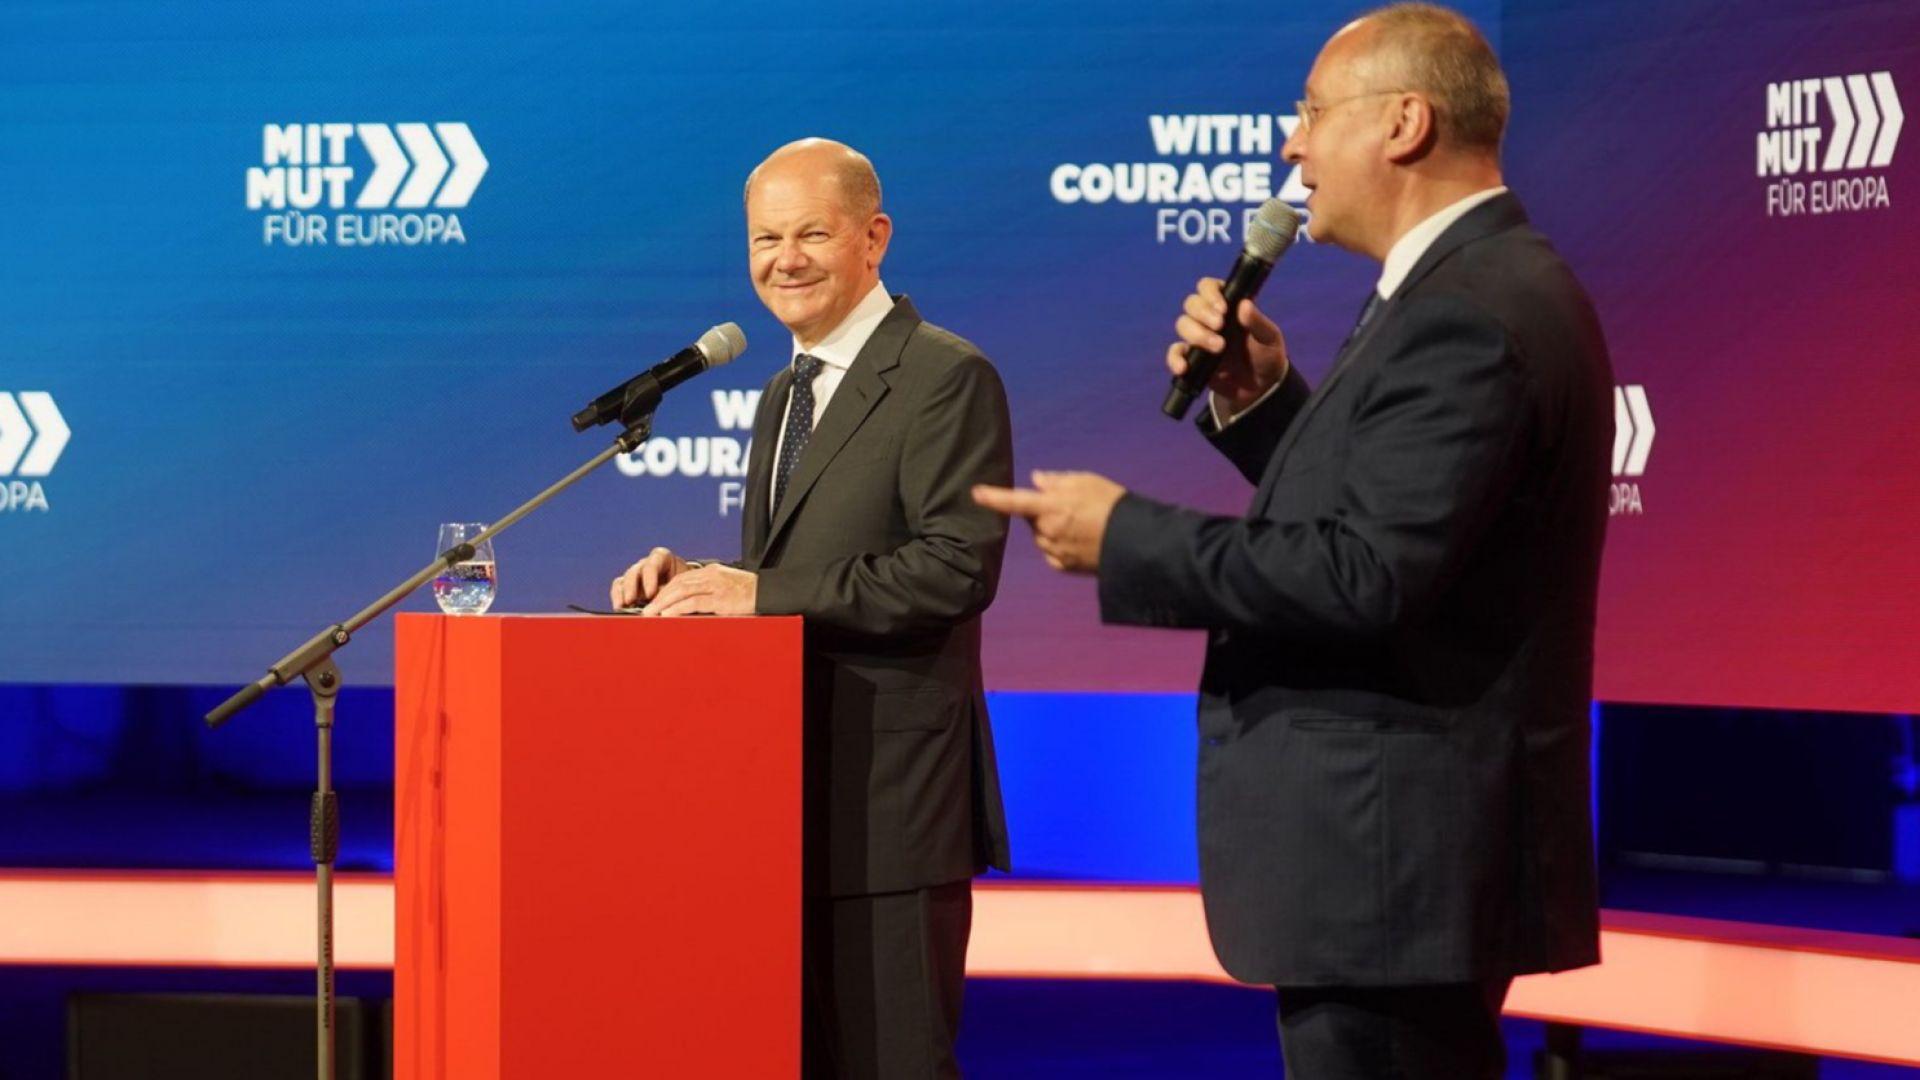 Станишев: С новото лидерство на Шолц, Европа има шанс да излезе от кризата